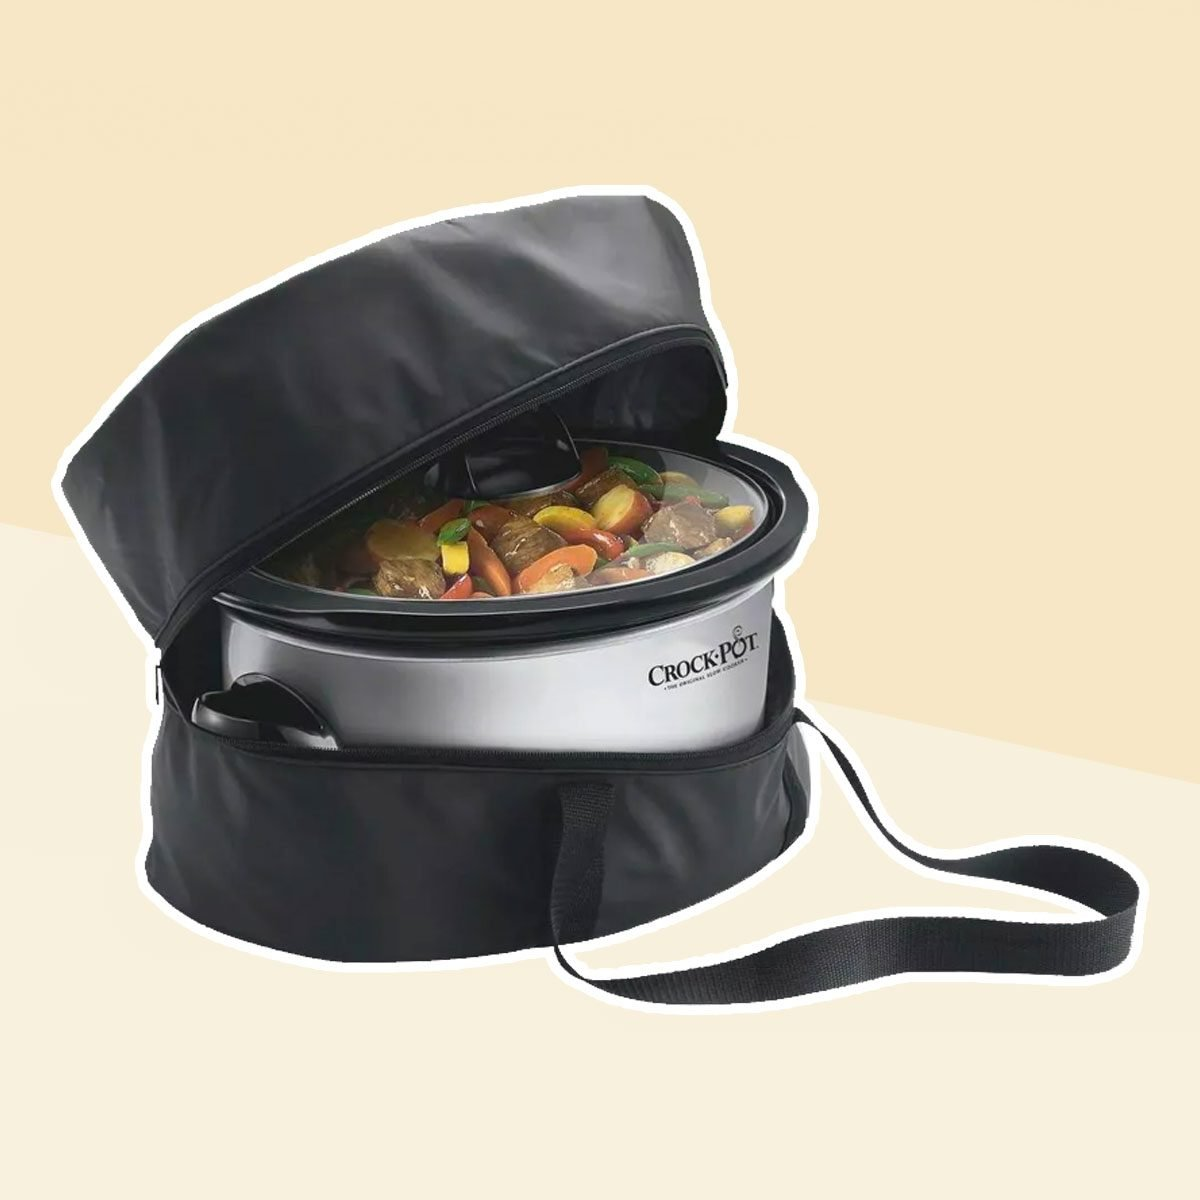 Crock-Pot Slow Cooker Travel Bag, Black, SCBAG-NP